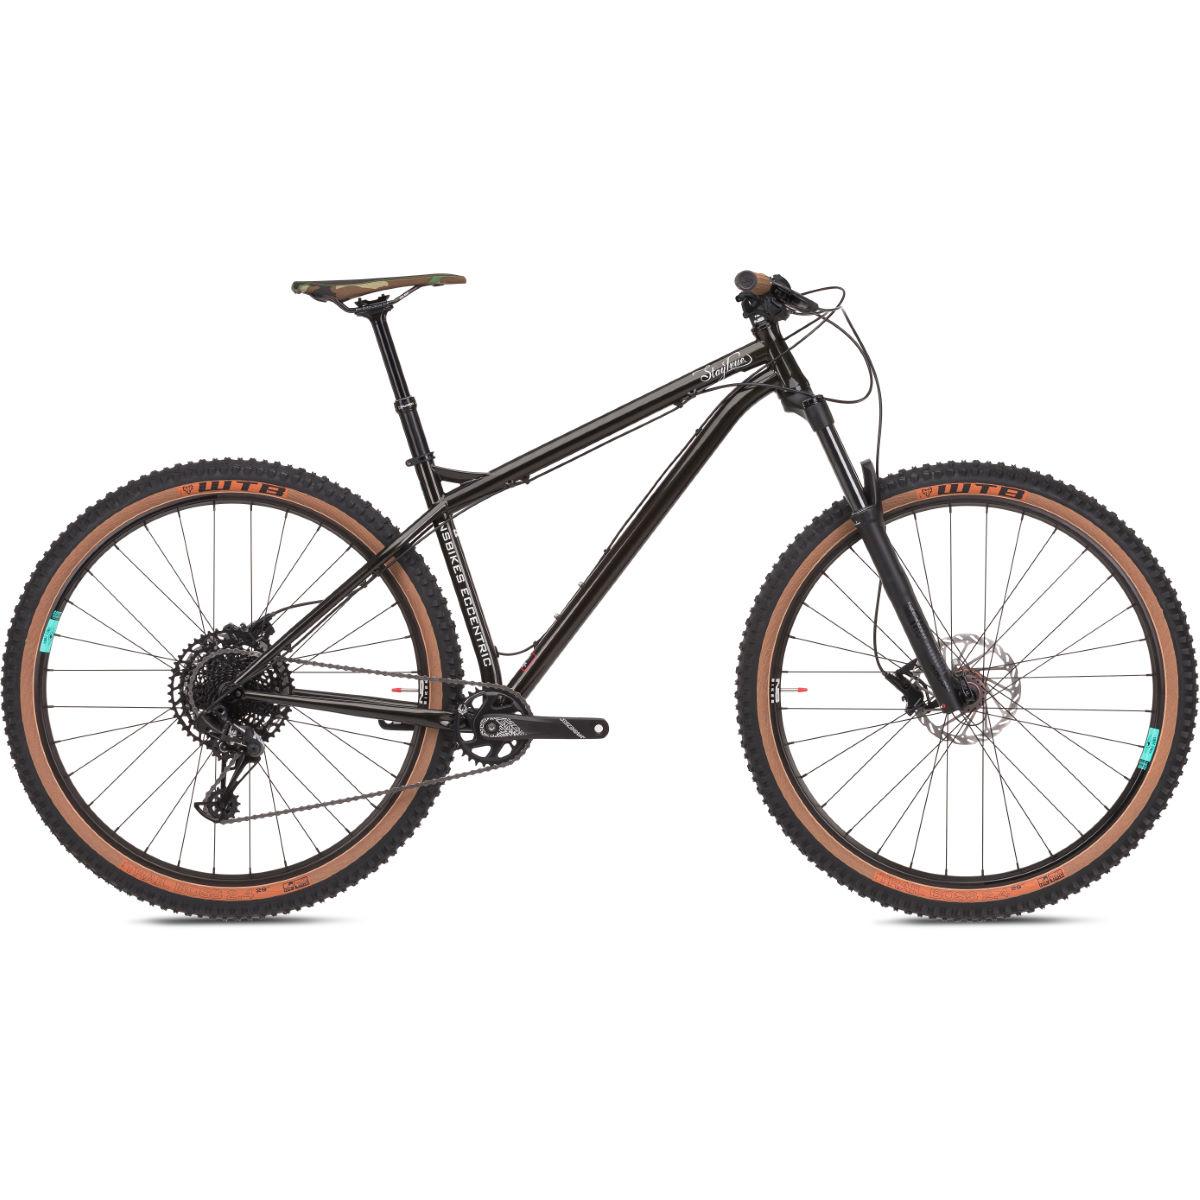 NS Bikes Eccentric Cromo 29